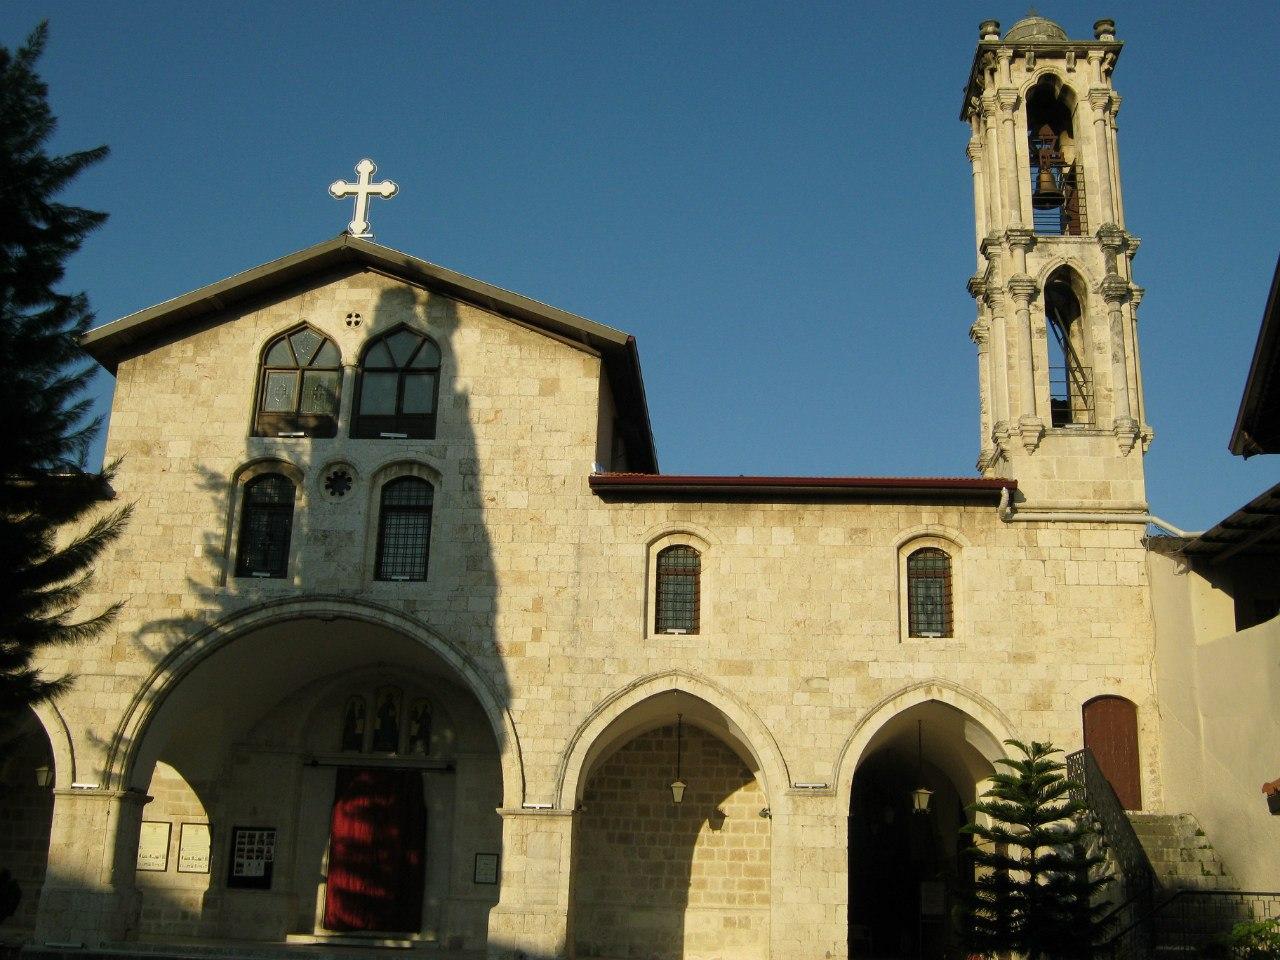 церковь Святых Петра и Павла в Антакья